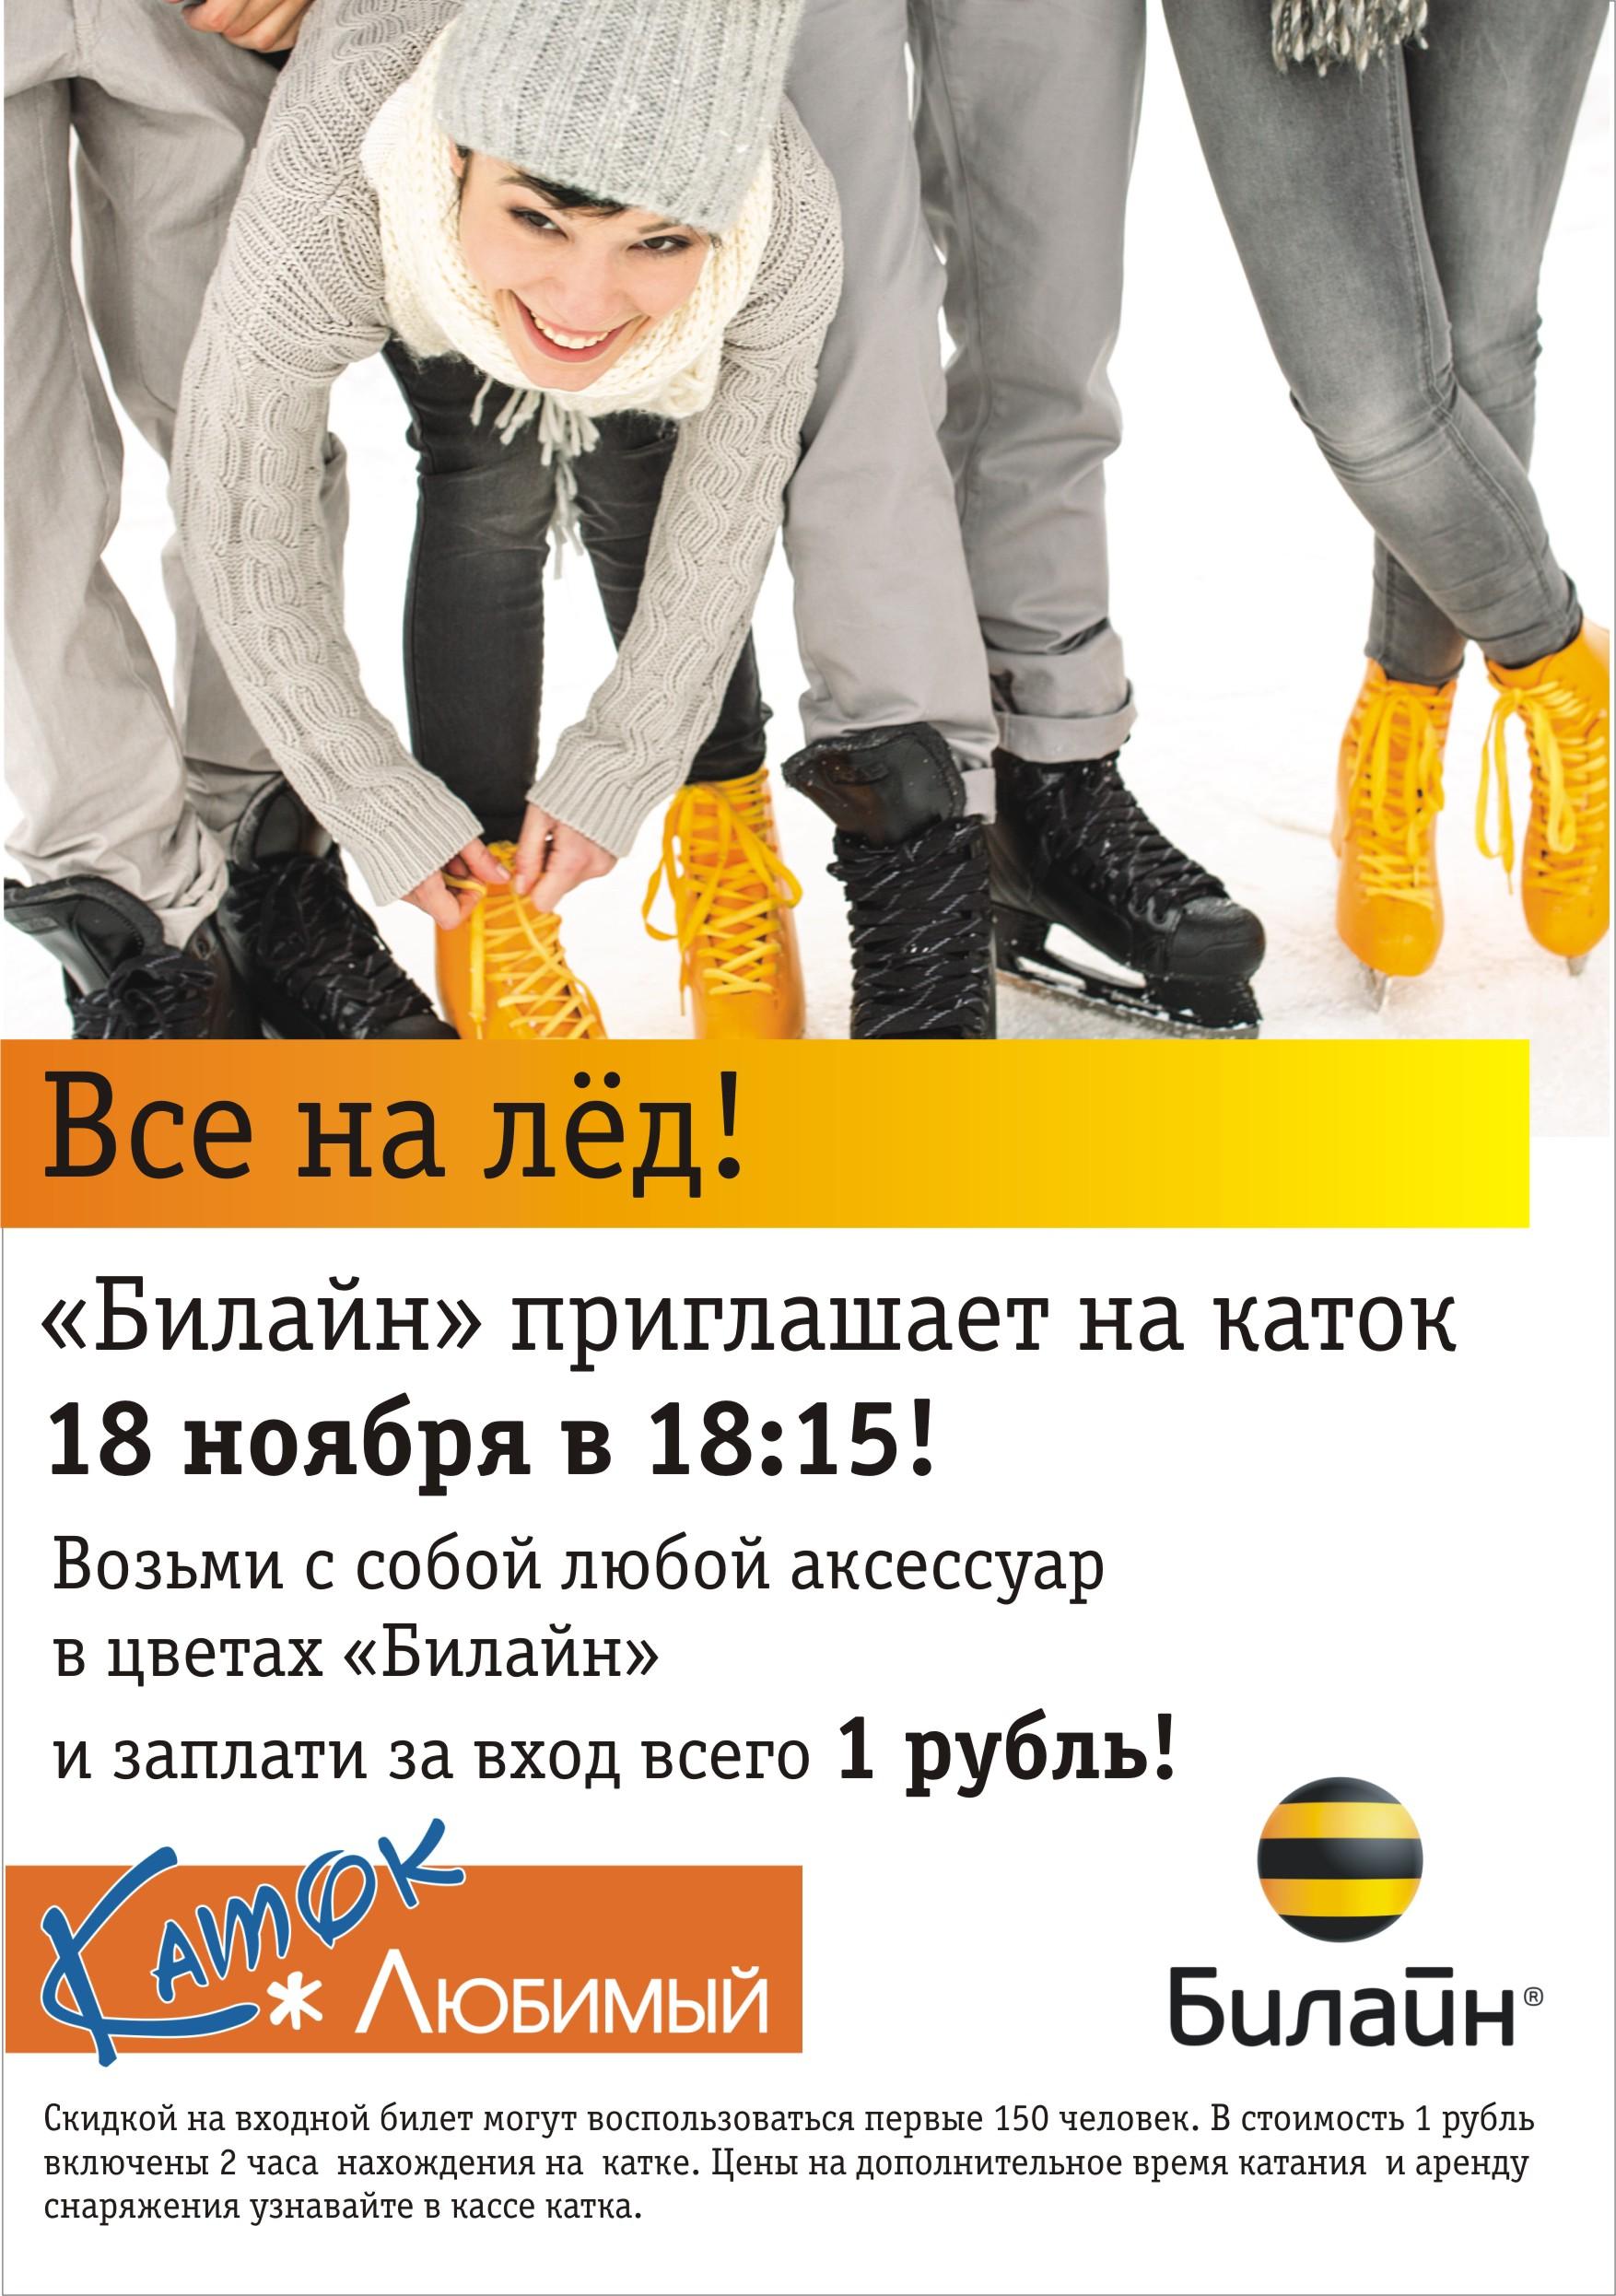 Акция от Билайн на катке «Любимый»: Катайся за 1 рубль